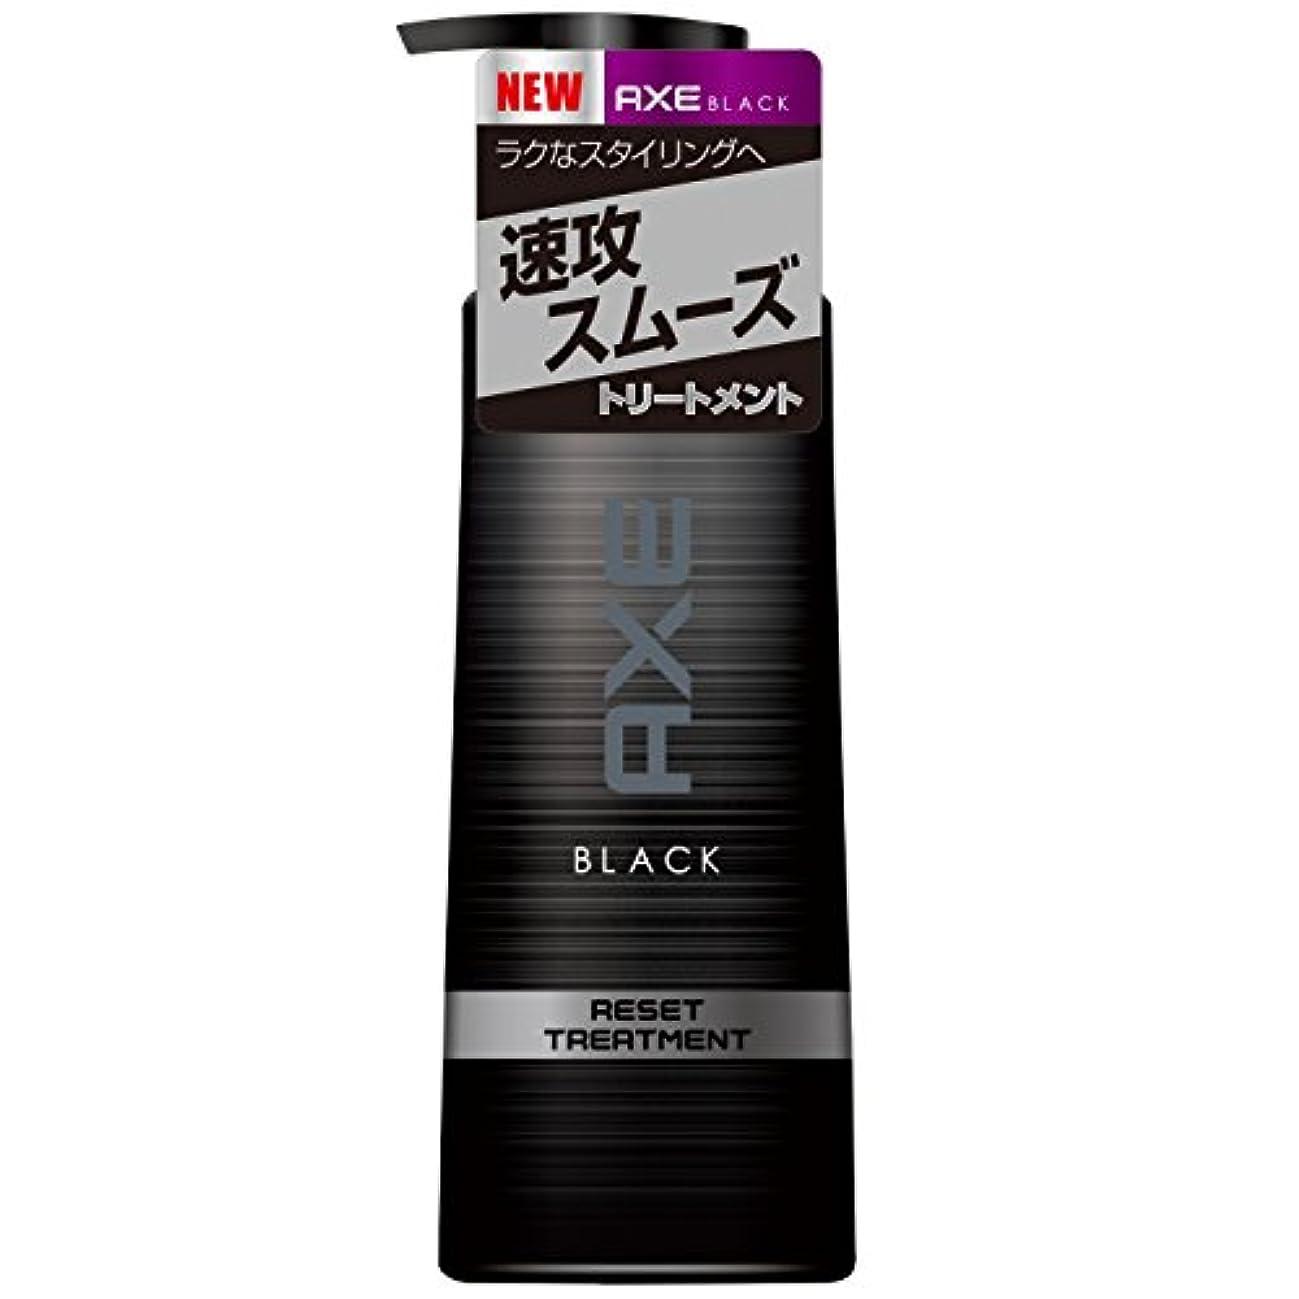 顔料ファンネルウェブスパイダー量アックス ブラック 男性用 トリートメント ポンプ (速攻スムーズ、ラクなスタイリングへ) 350g (クールマリンのさりげない香り)